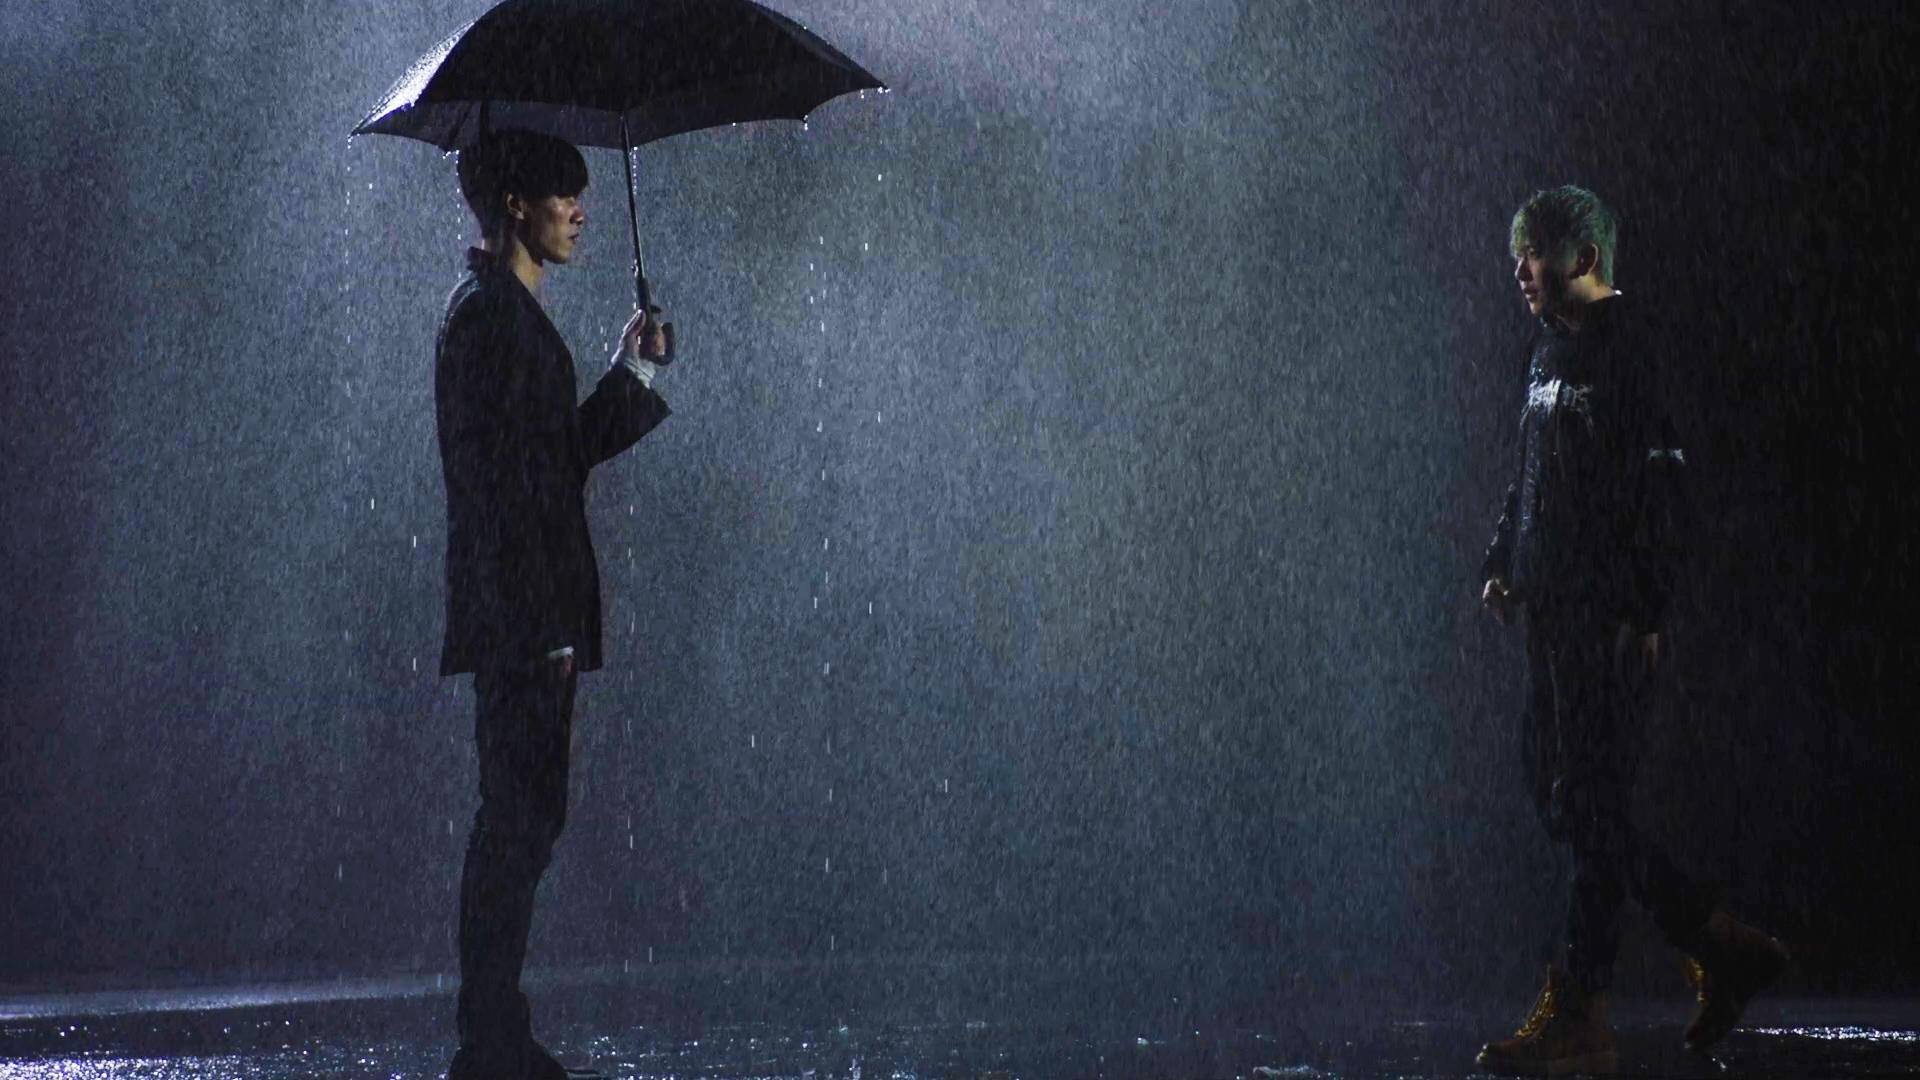 《骤雨 Trouble》MV陈骁张朋被雨狂浇两小时